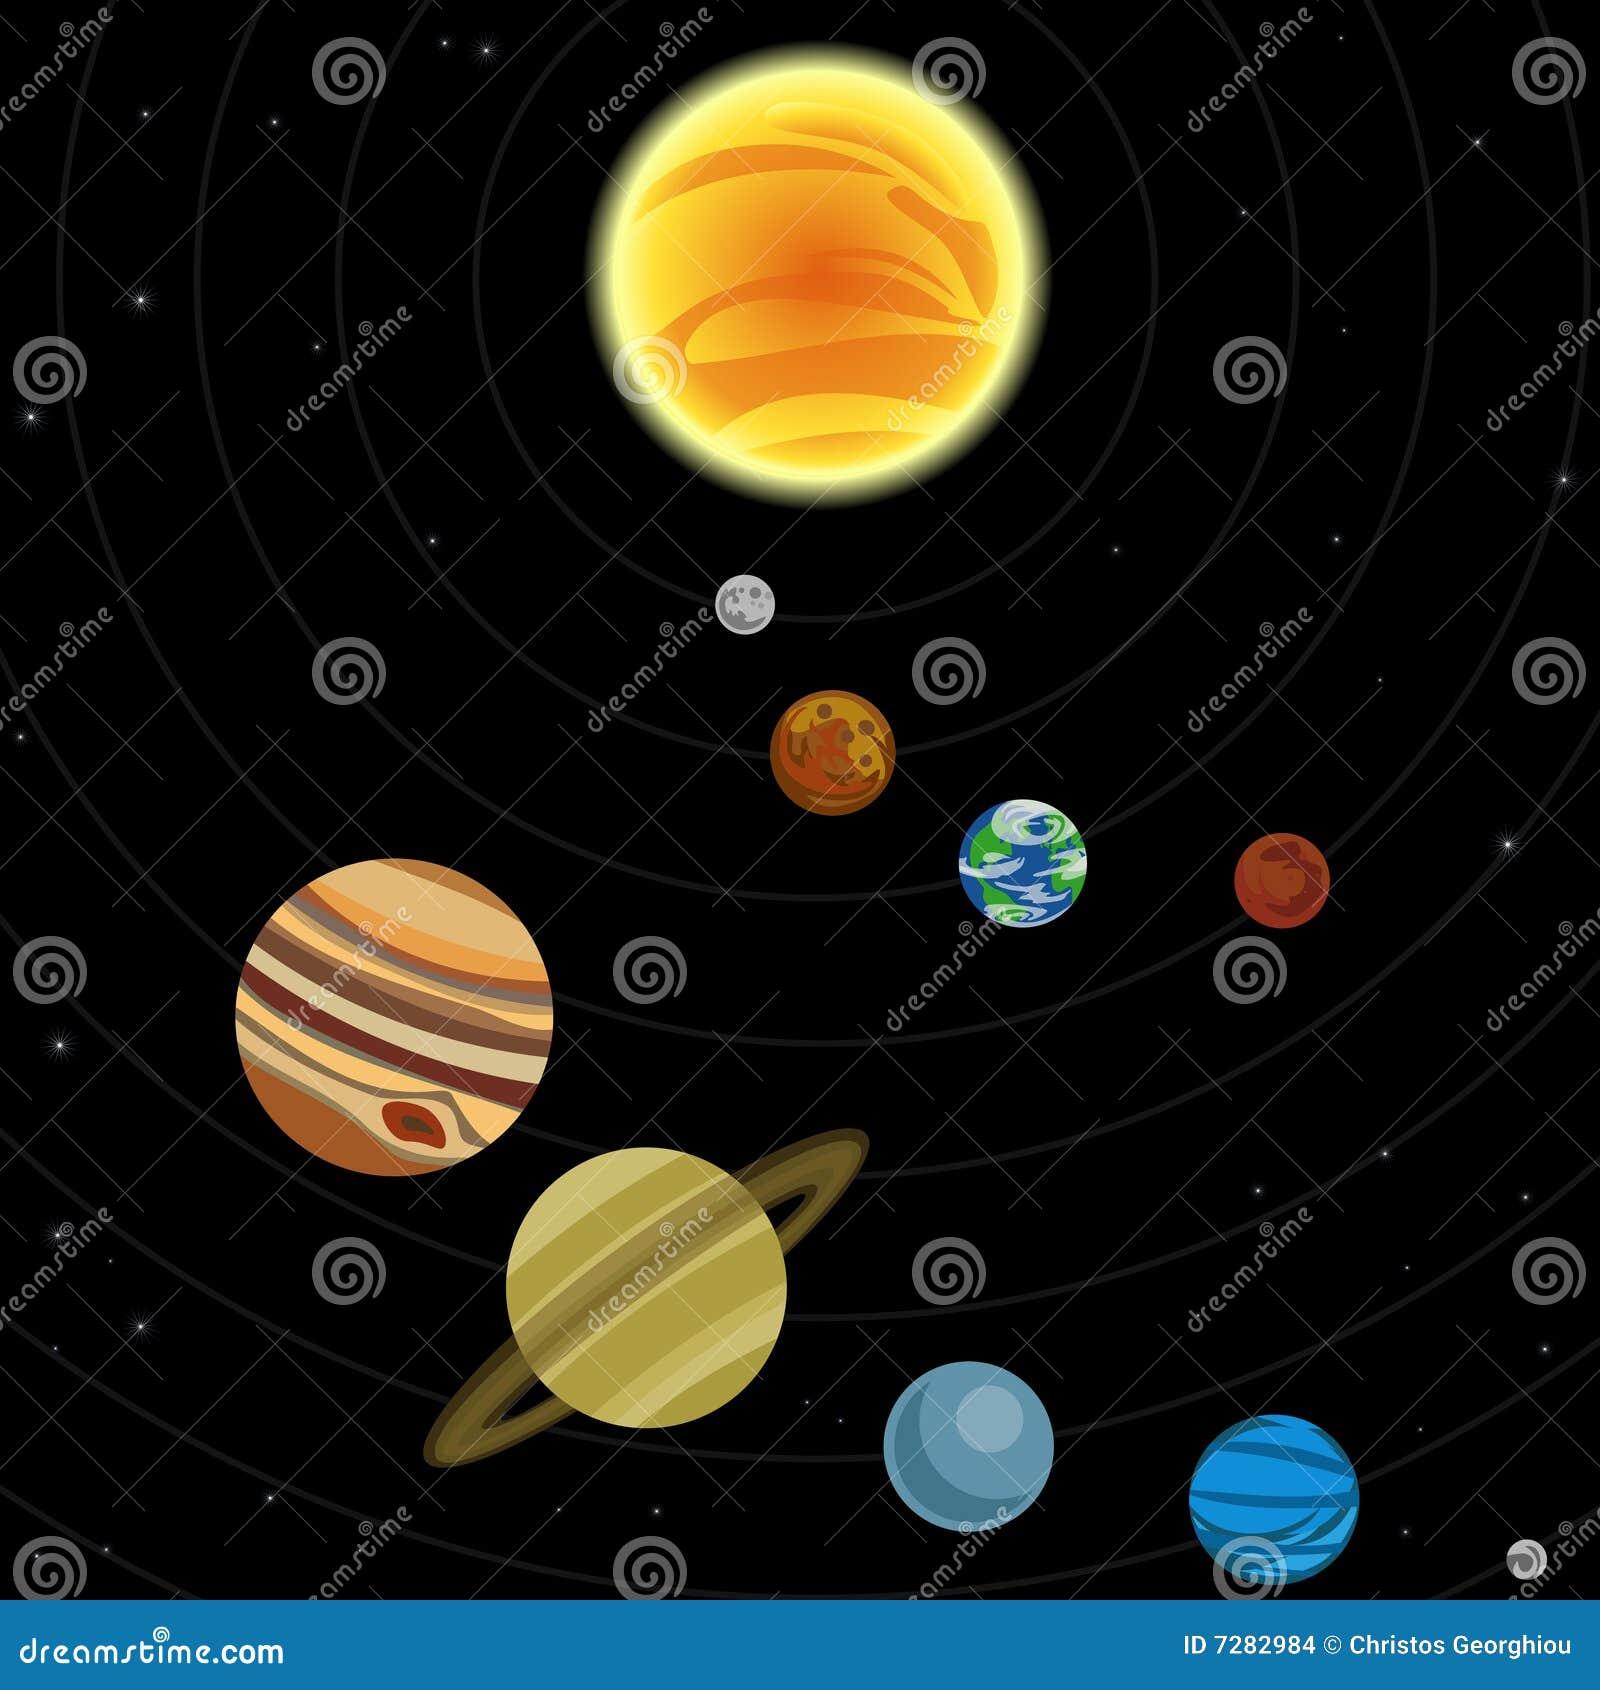 Ilustración de la Sistema Solar